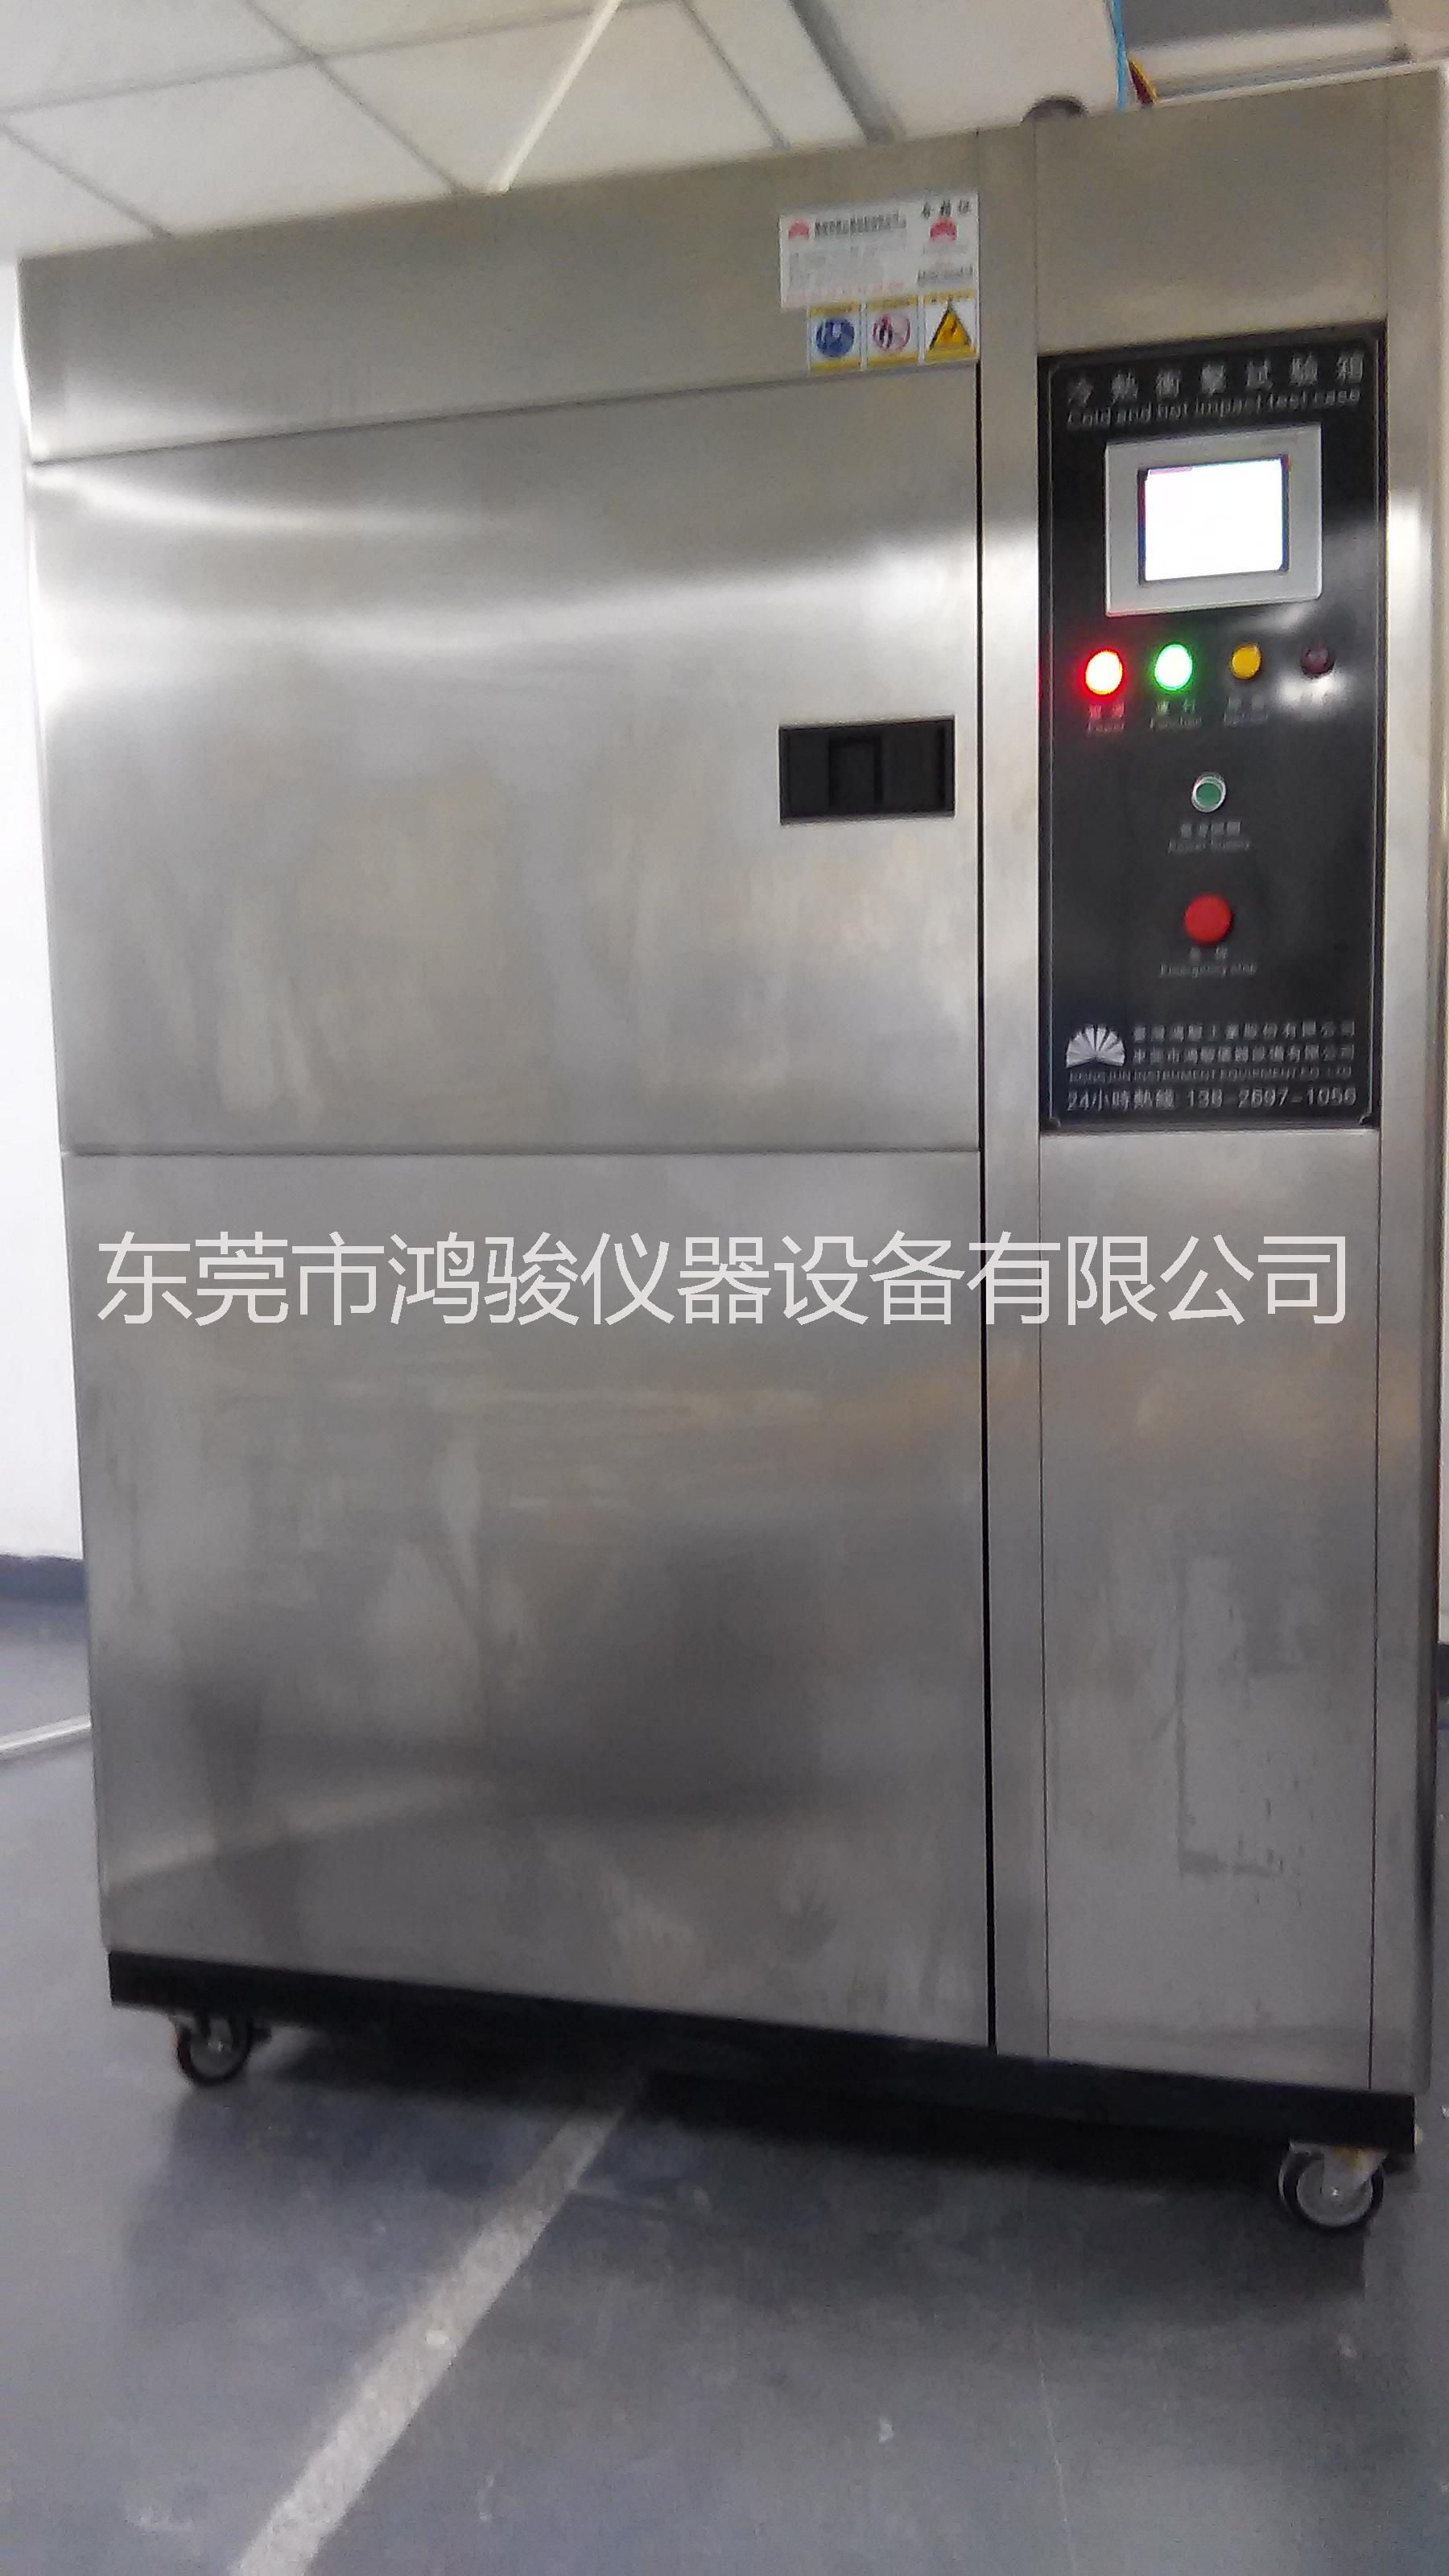 ckc);加热固态继电器